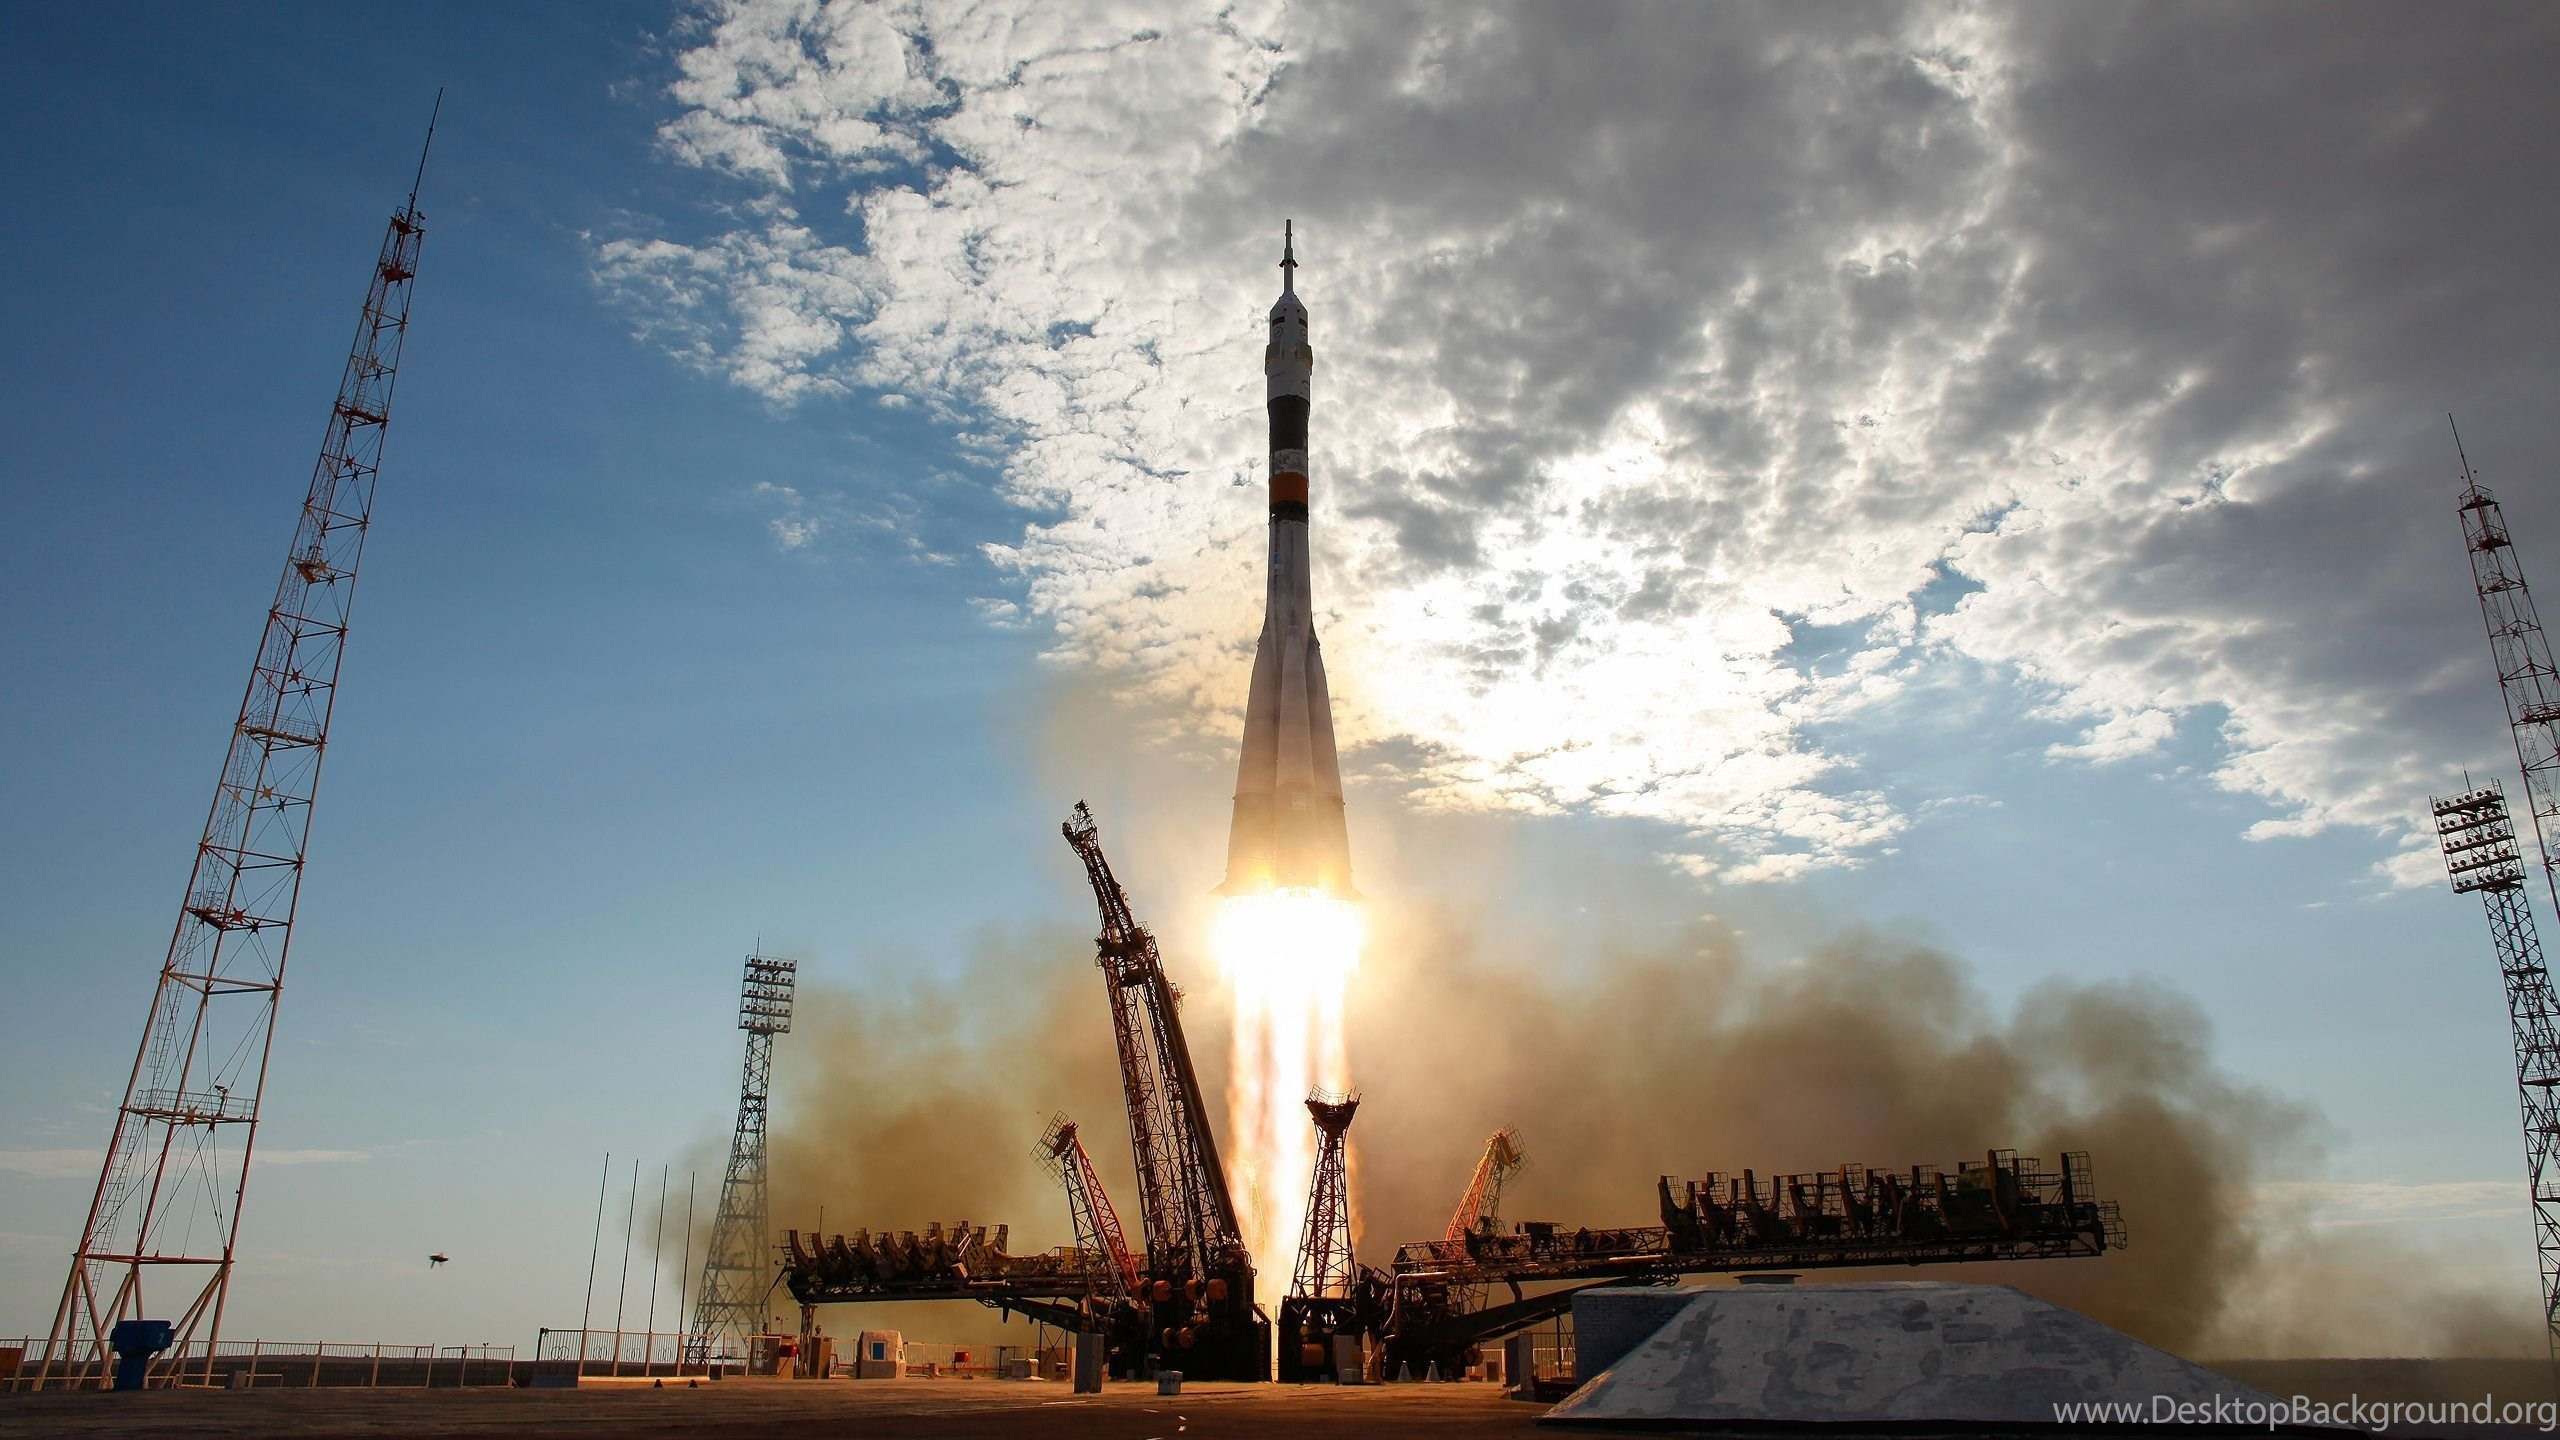 Soyuz Rocket Launch Wallpapers Desktop Background